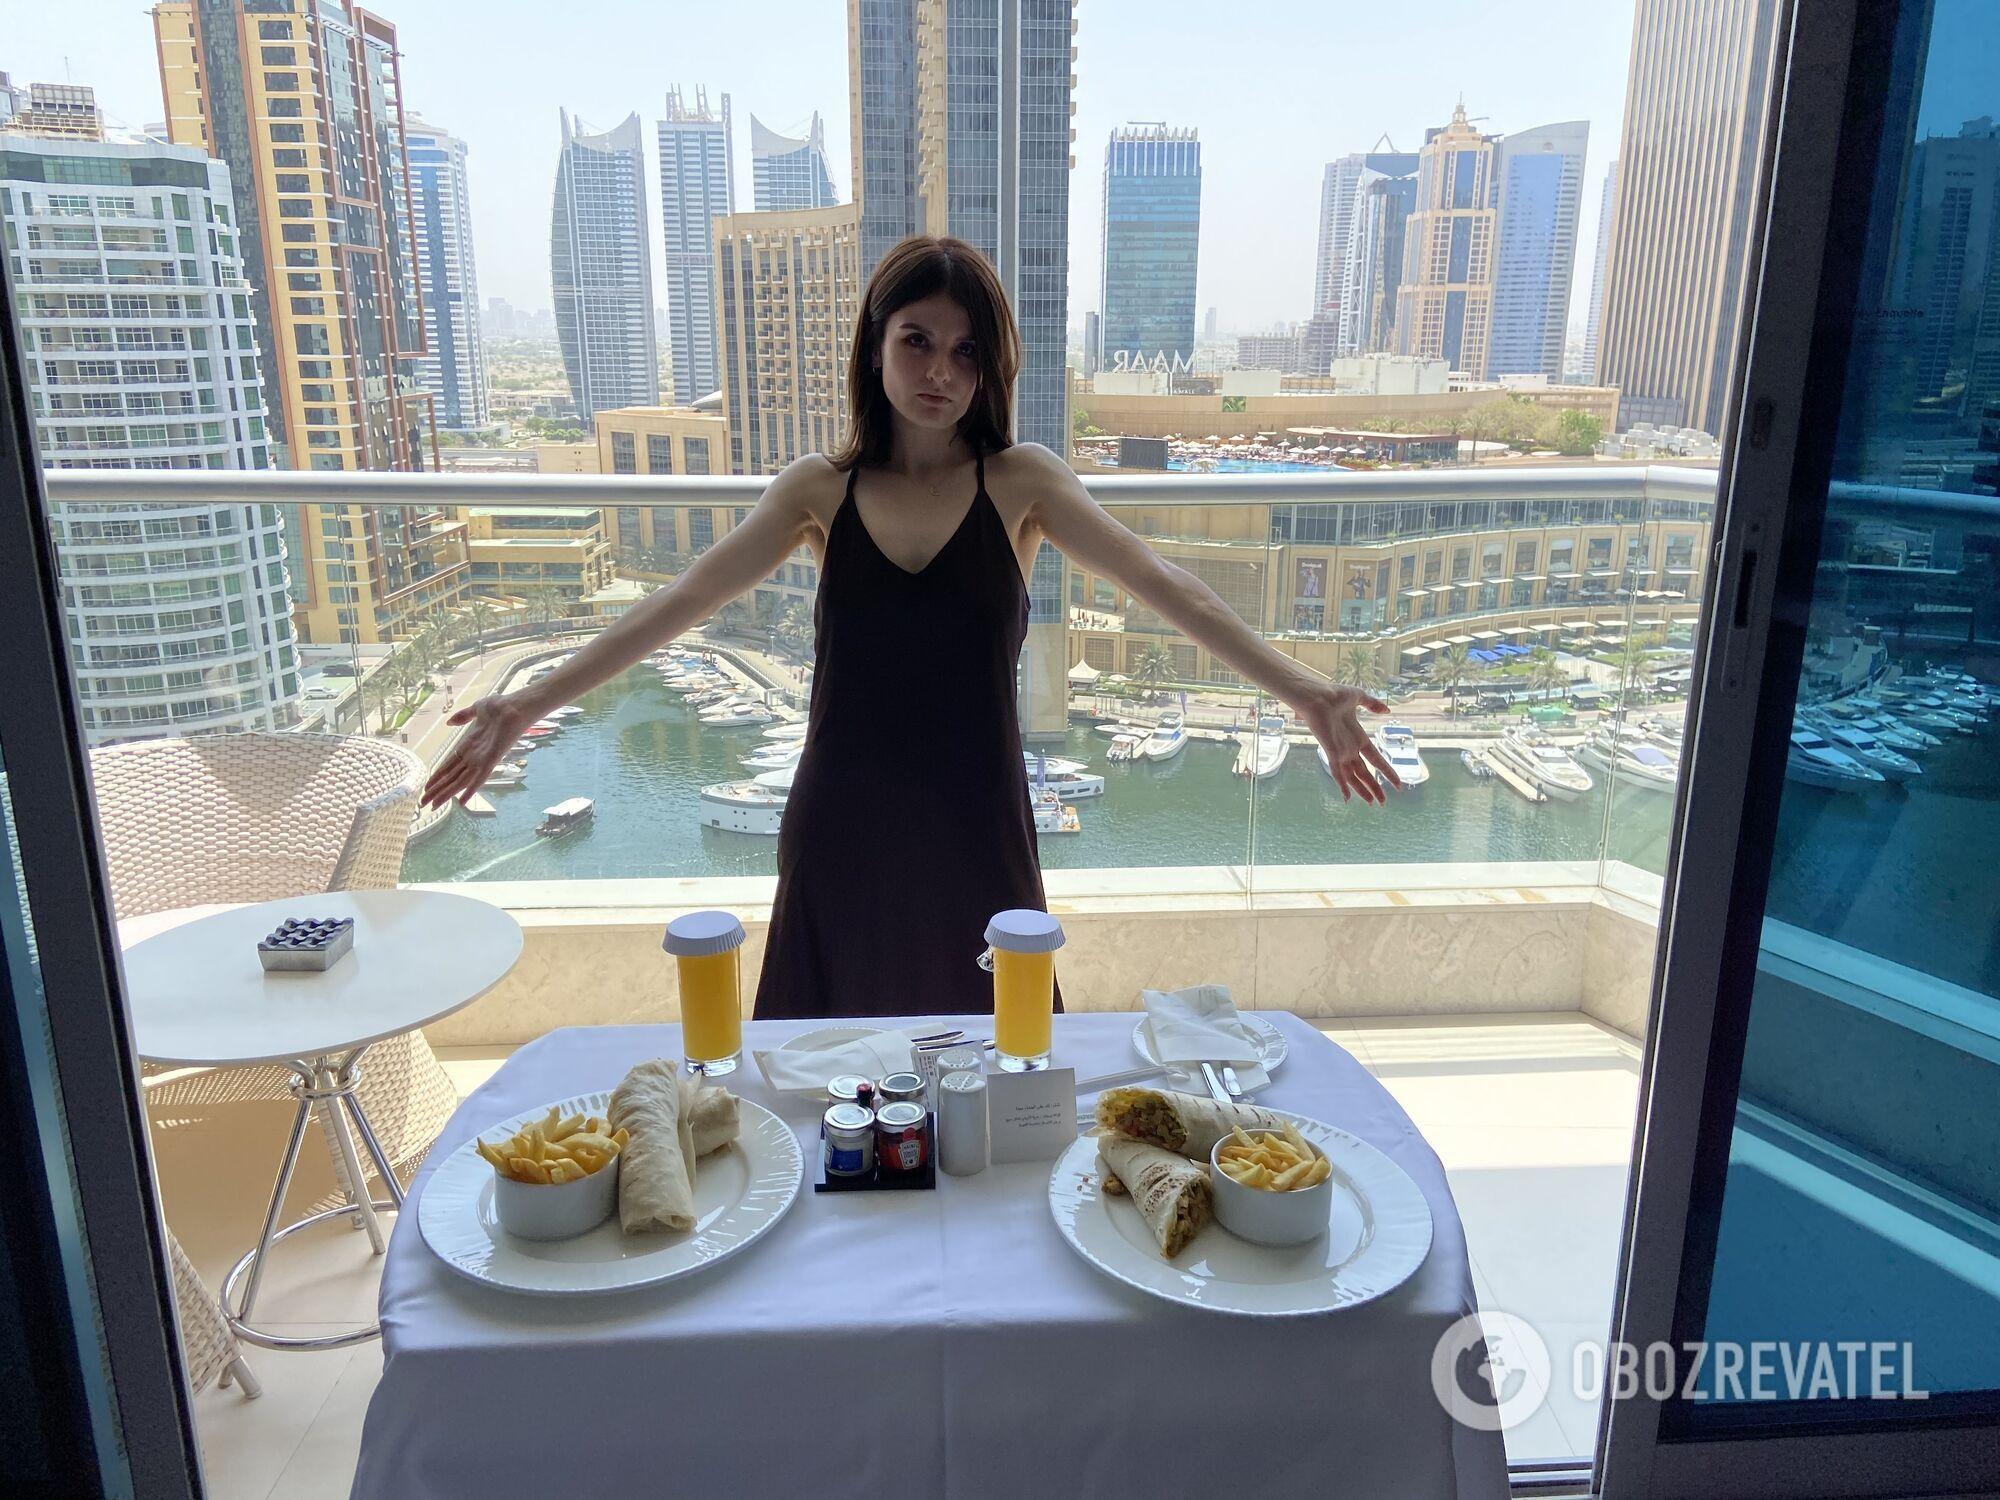 """Две """"крохотные"""" порции шавермы в ожидании результатов ПЦР-теста в отеле InterContinental Dubai Marina."""